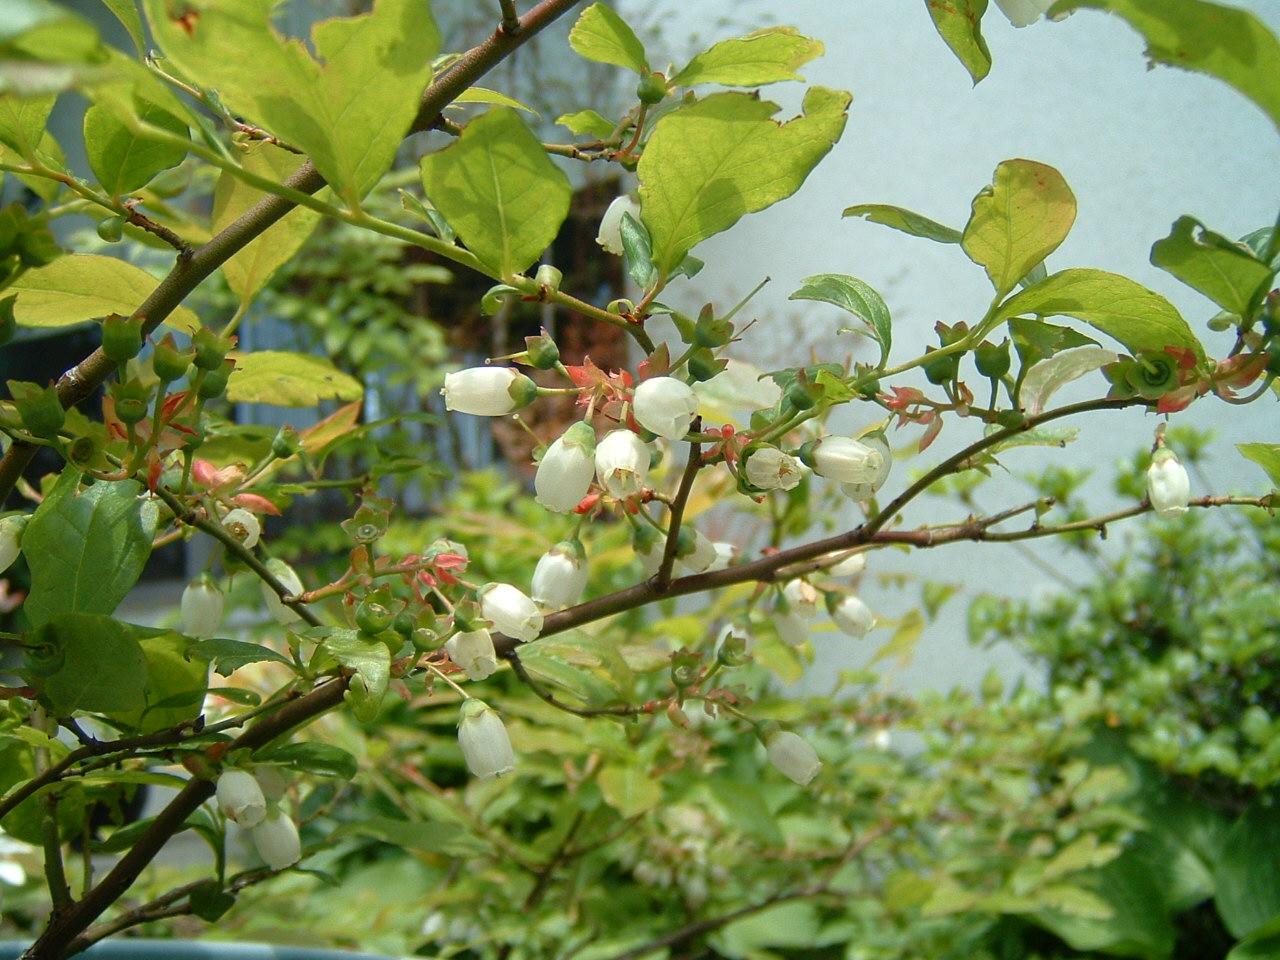 鳥取県大山寺周辺の植物   by (岡田)_c0239329_1491073.jpg